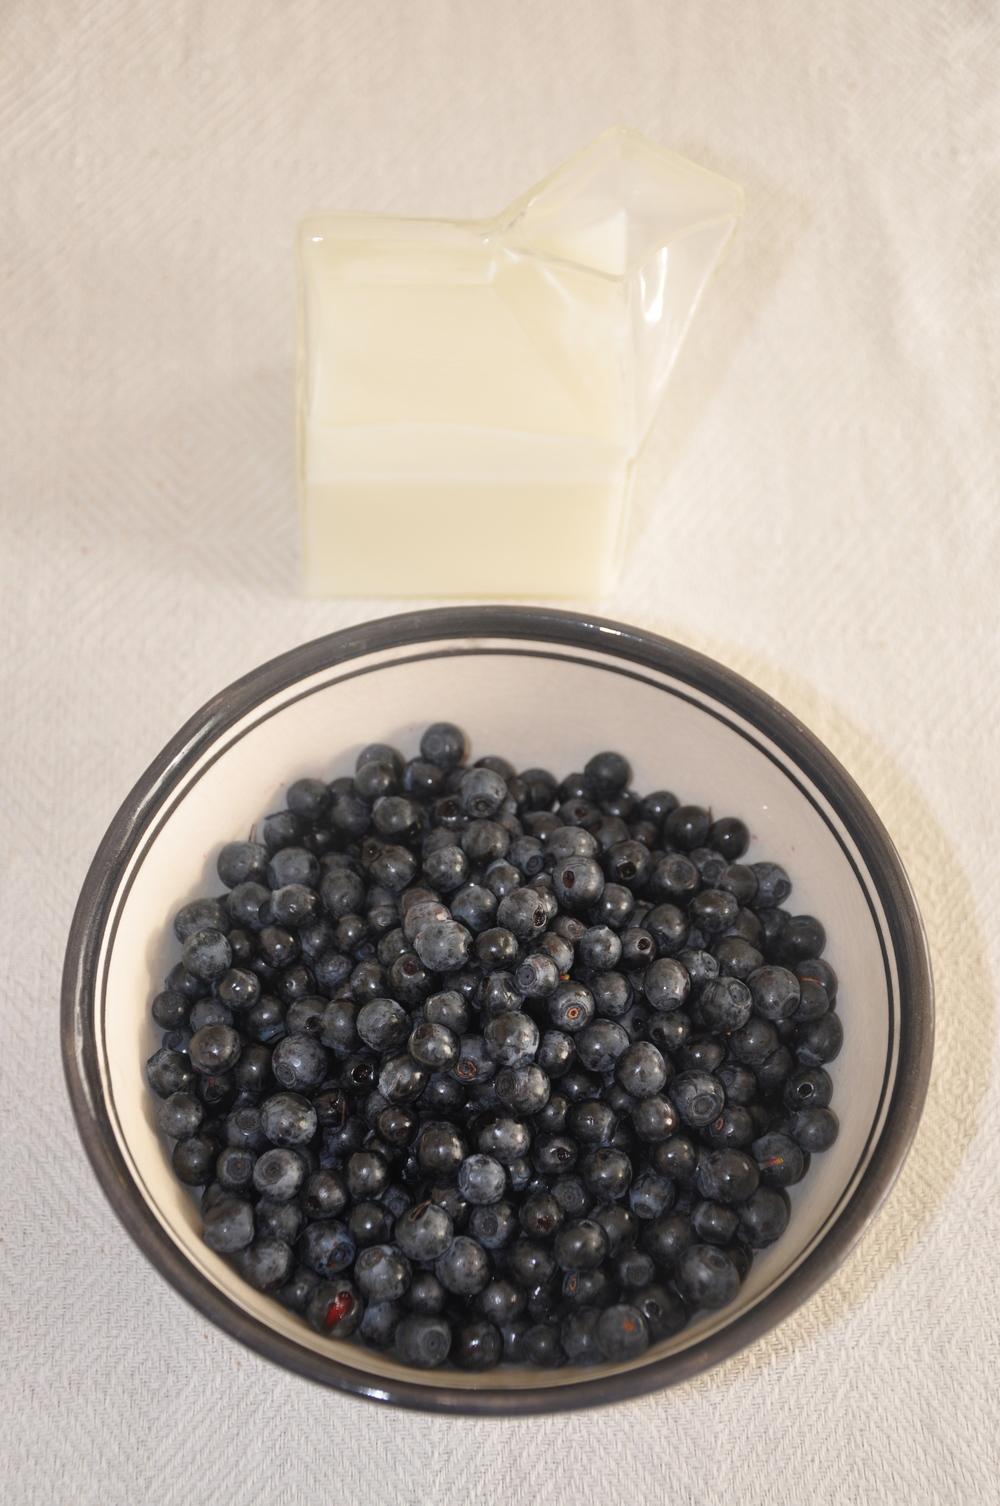 Blåbär och mjölk - skål från Tine K Home, kanna från PB Home    Foto:  Palatsliv